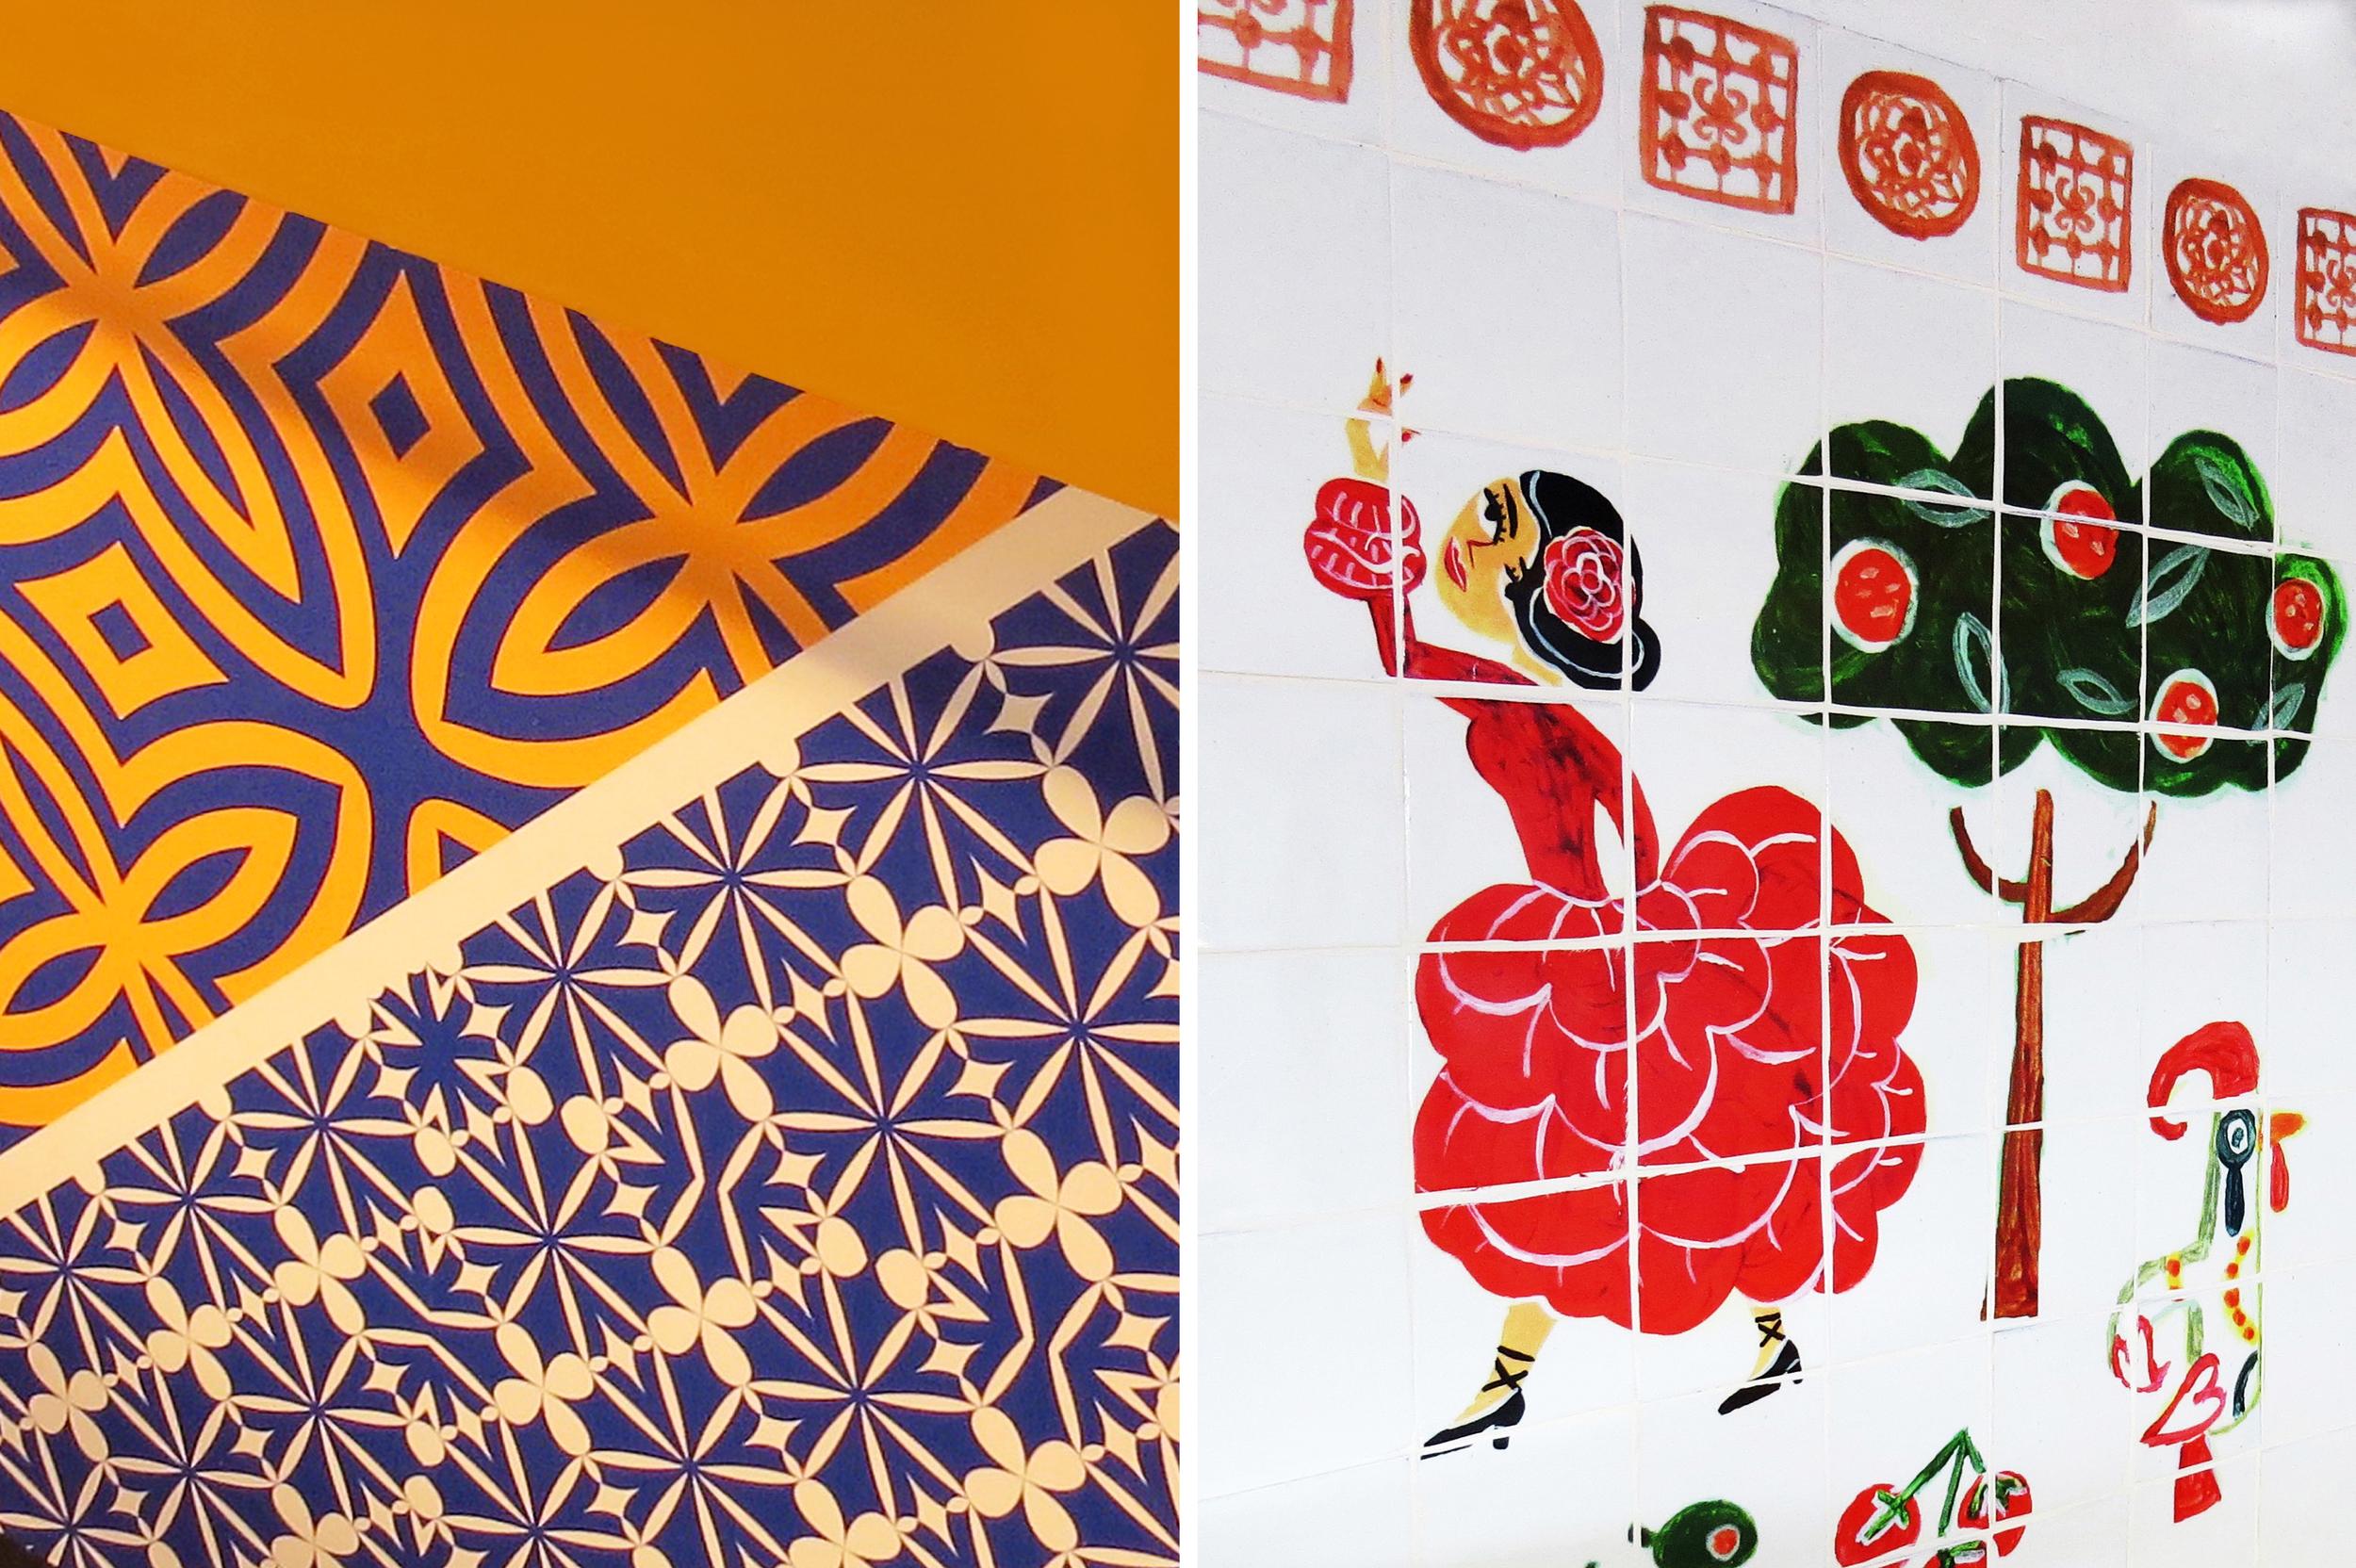 Salt Design Illachi restaurant interior design illustrated wall decor